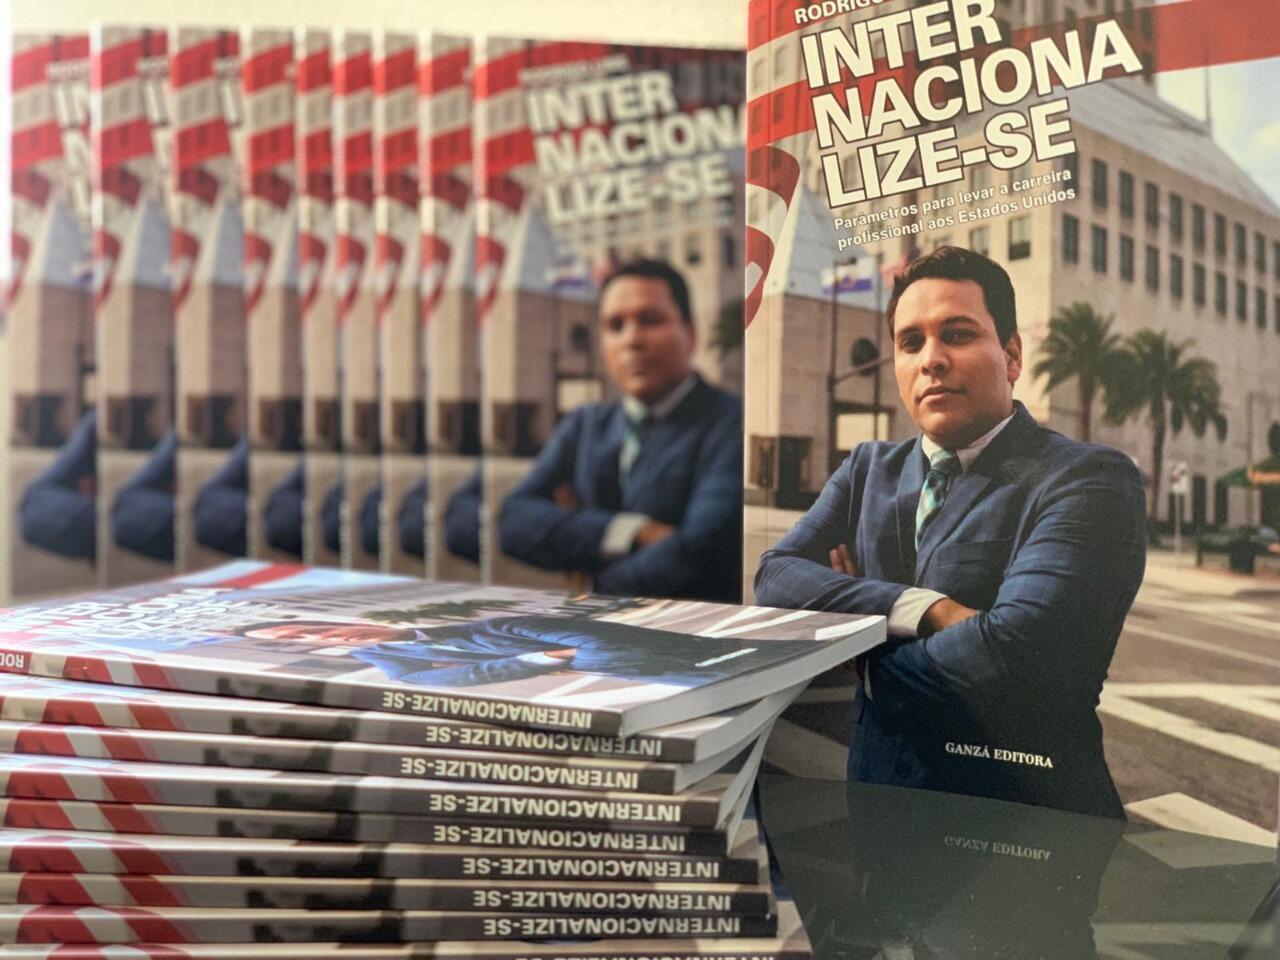 O jornalista e pesquisador da área de imigração Rodrigo Lins